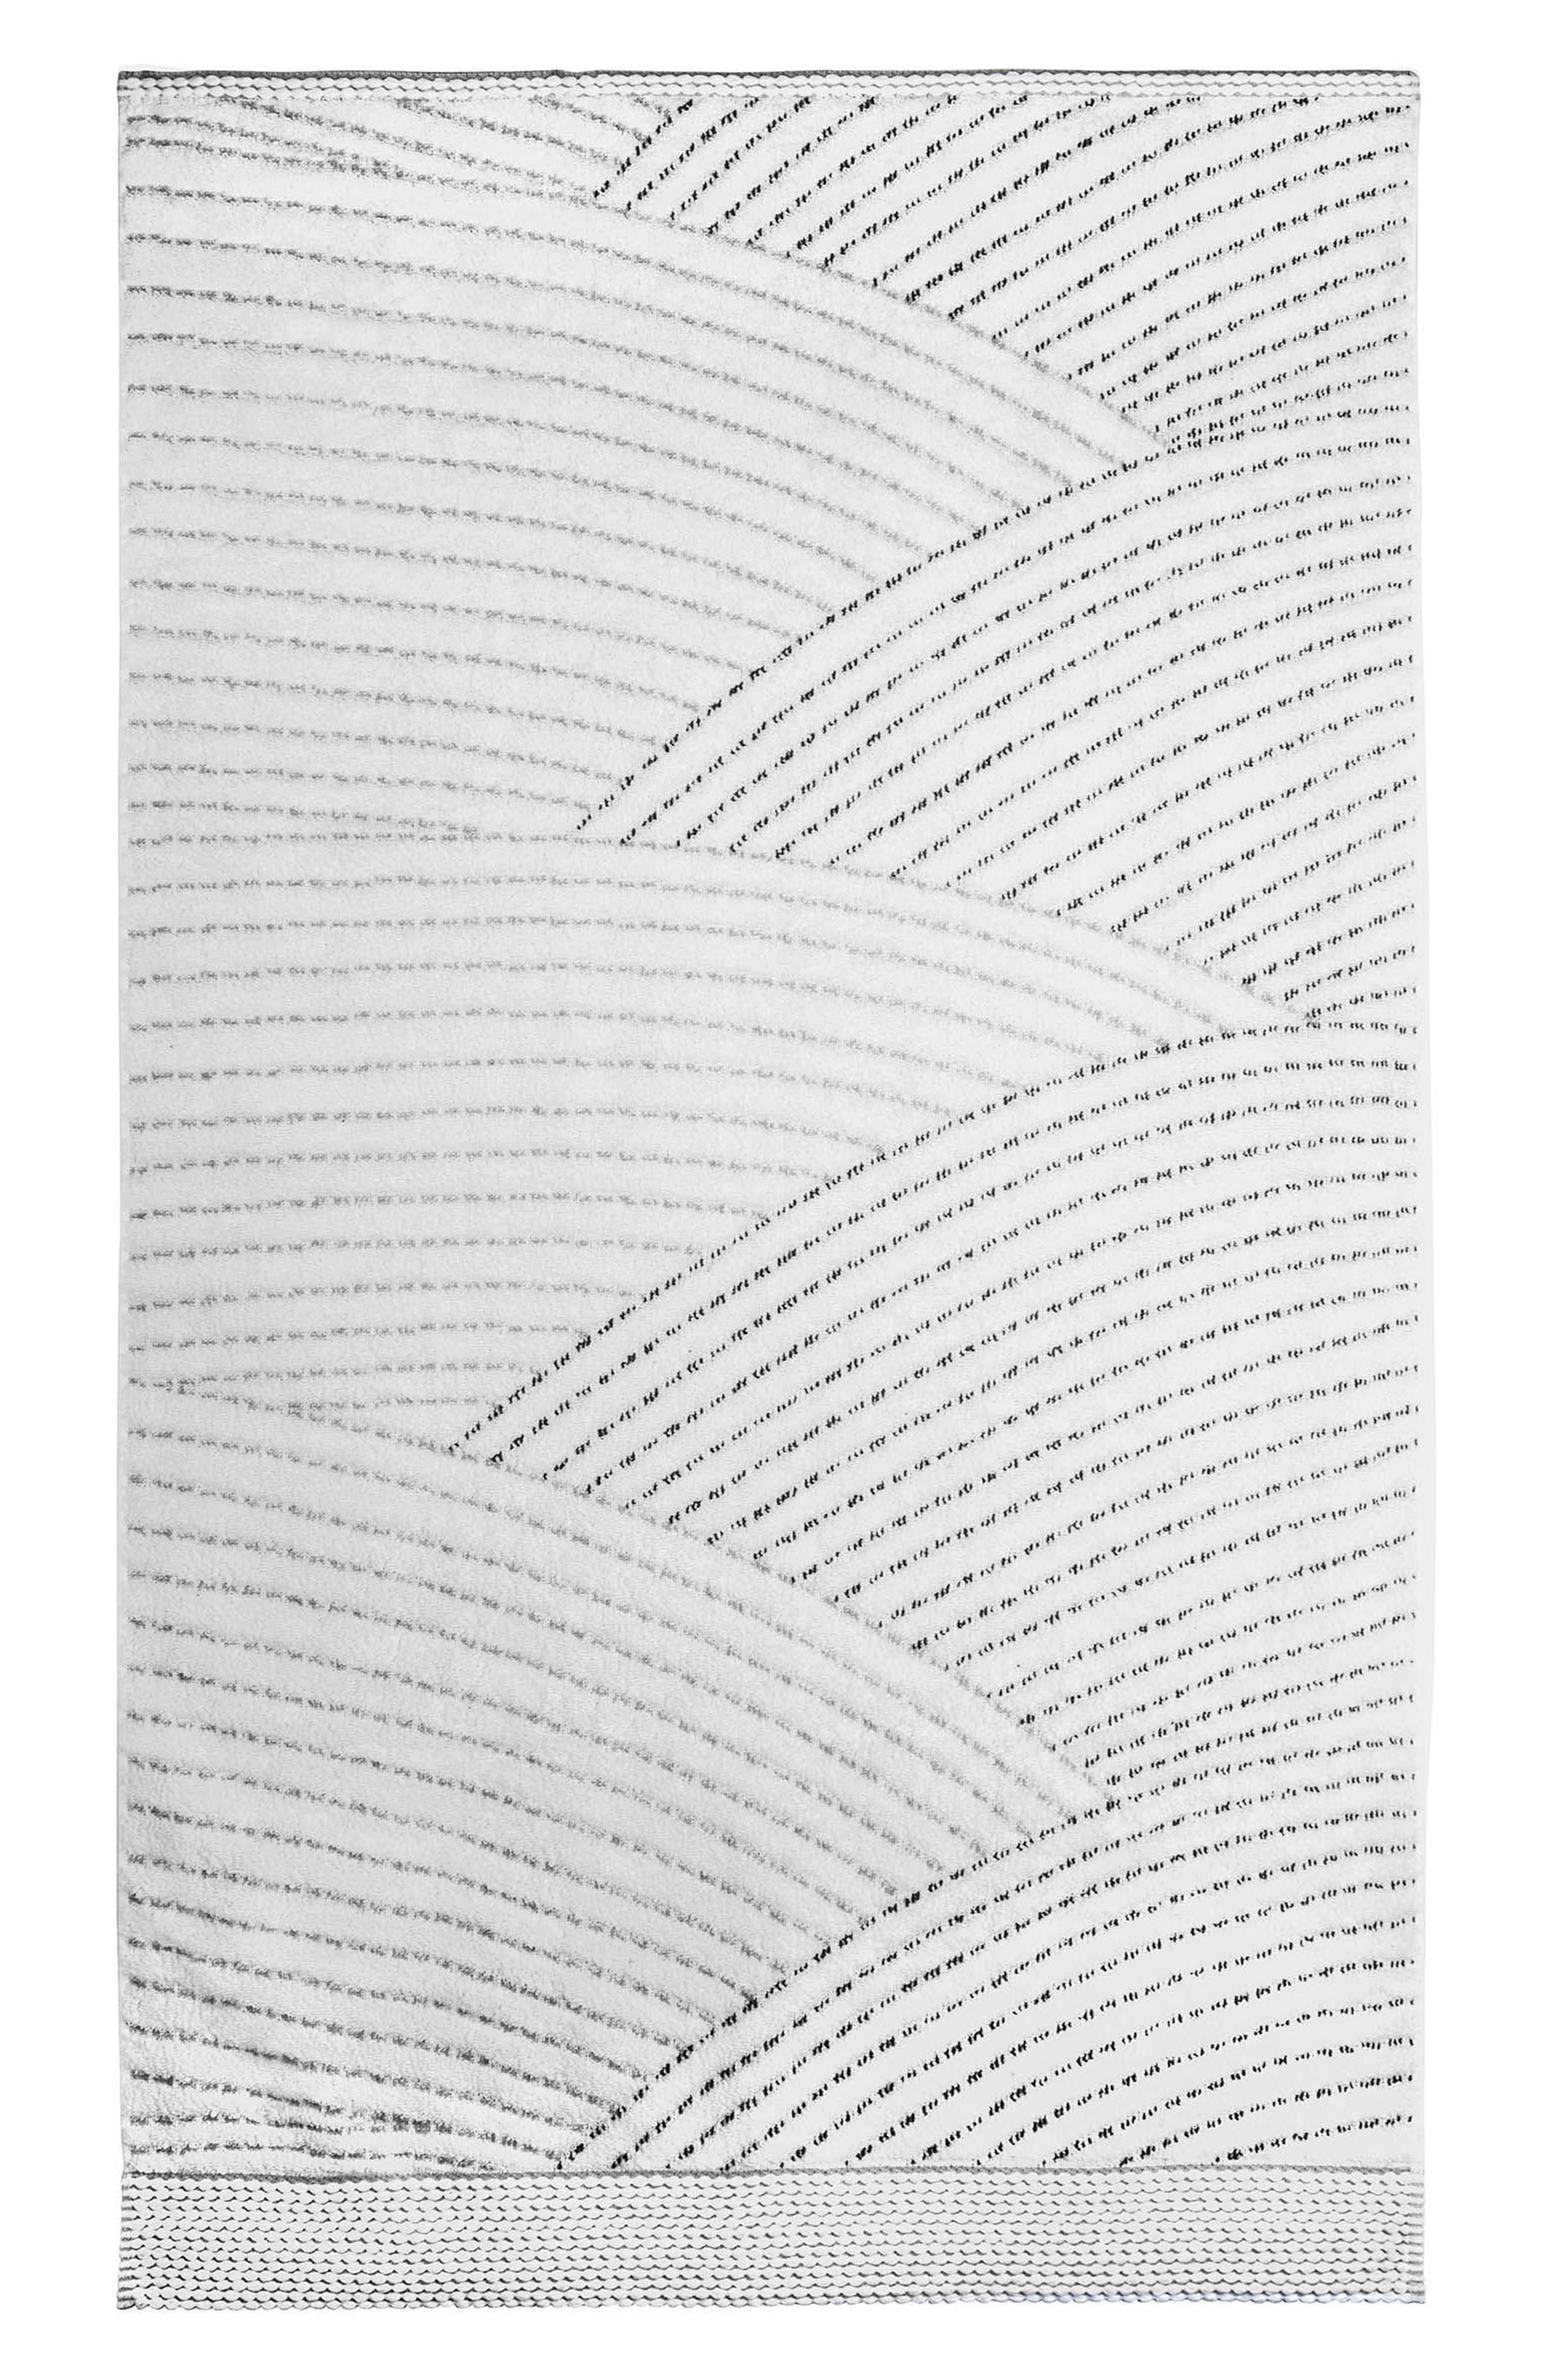 Alternate Image 1 Selected - John Robshaw Sazid Bath Towel